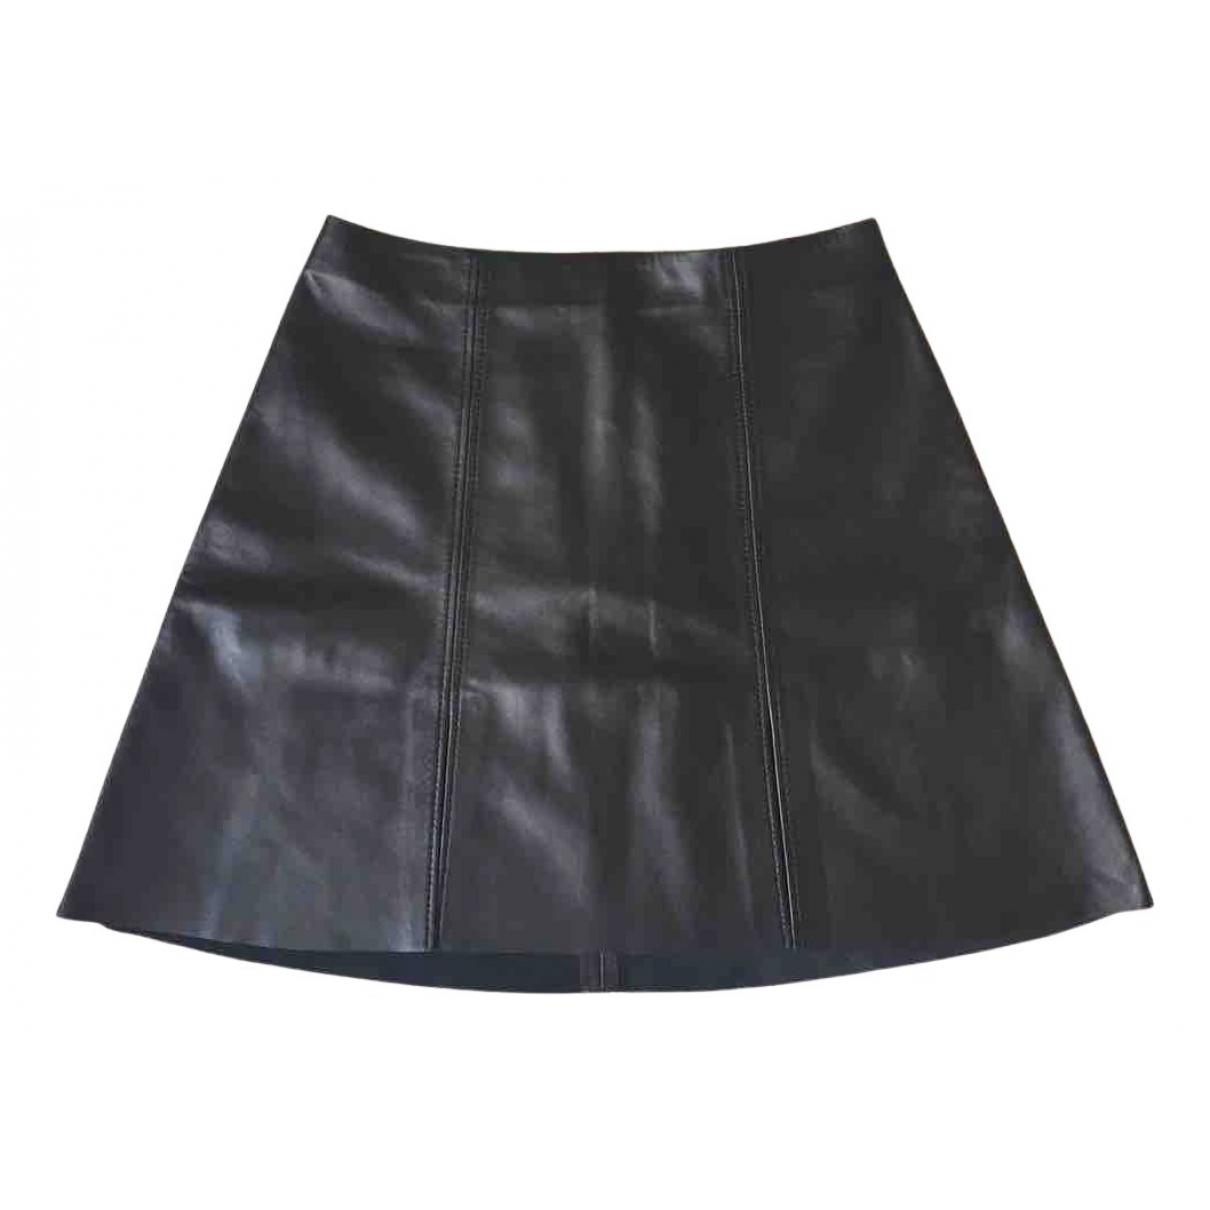 Acne Studios - Jupe   pour femme en cuir - noir